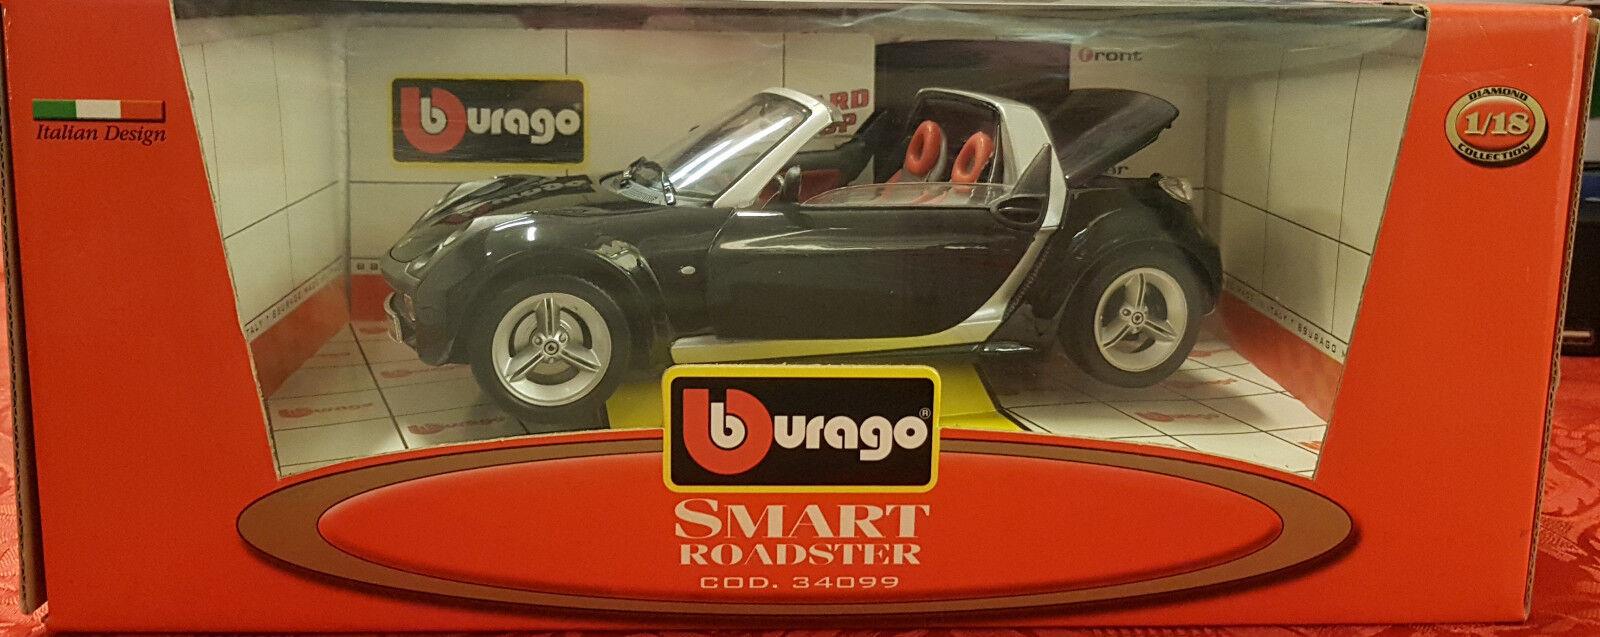 BURAGO - - - SMART Roadster - 1 18 - DIAMOND Collection - Cod. 34099 e37dfe